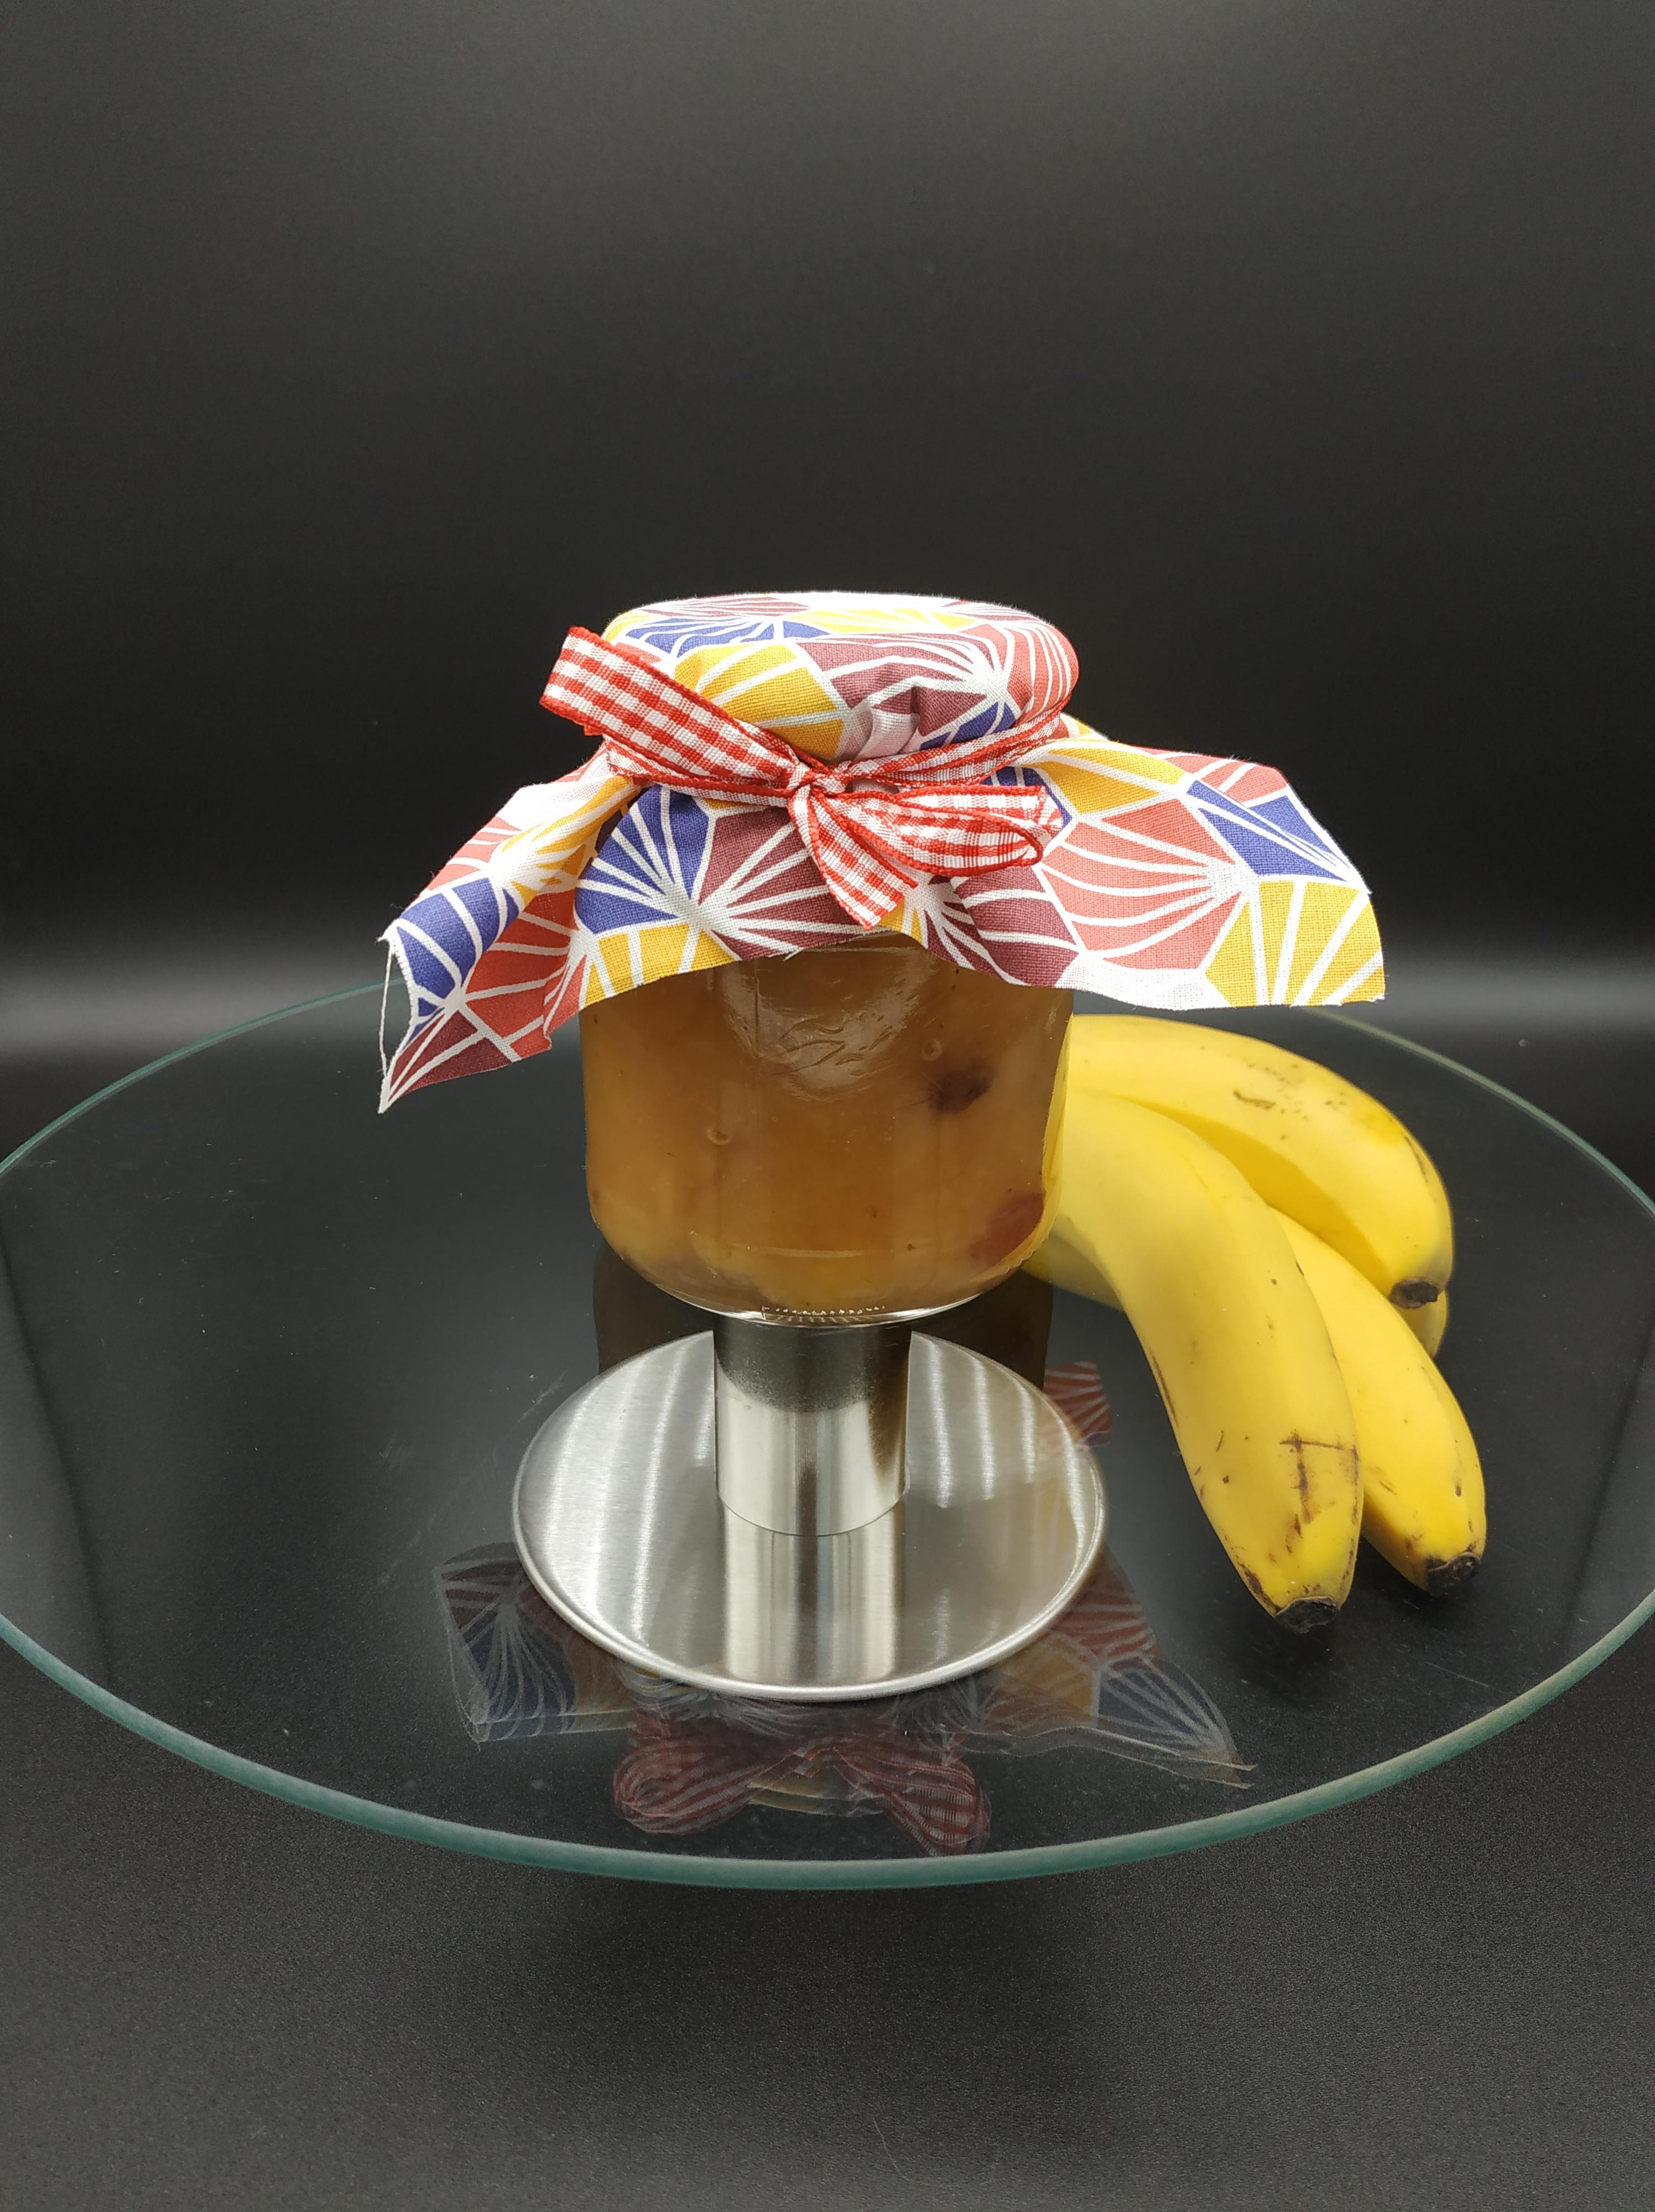 Confiture de bananes et raisins au rhum - Blog de pâtisserie